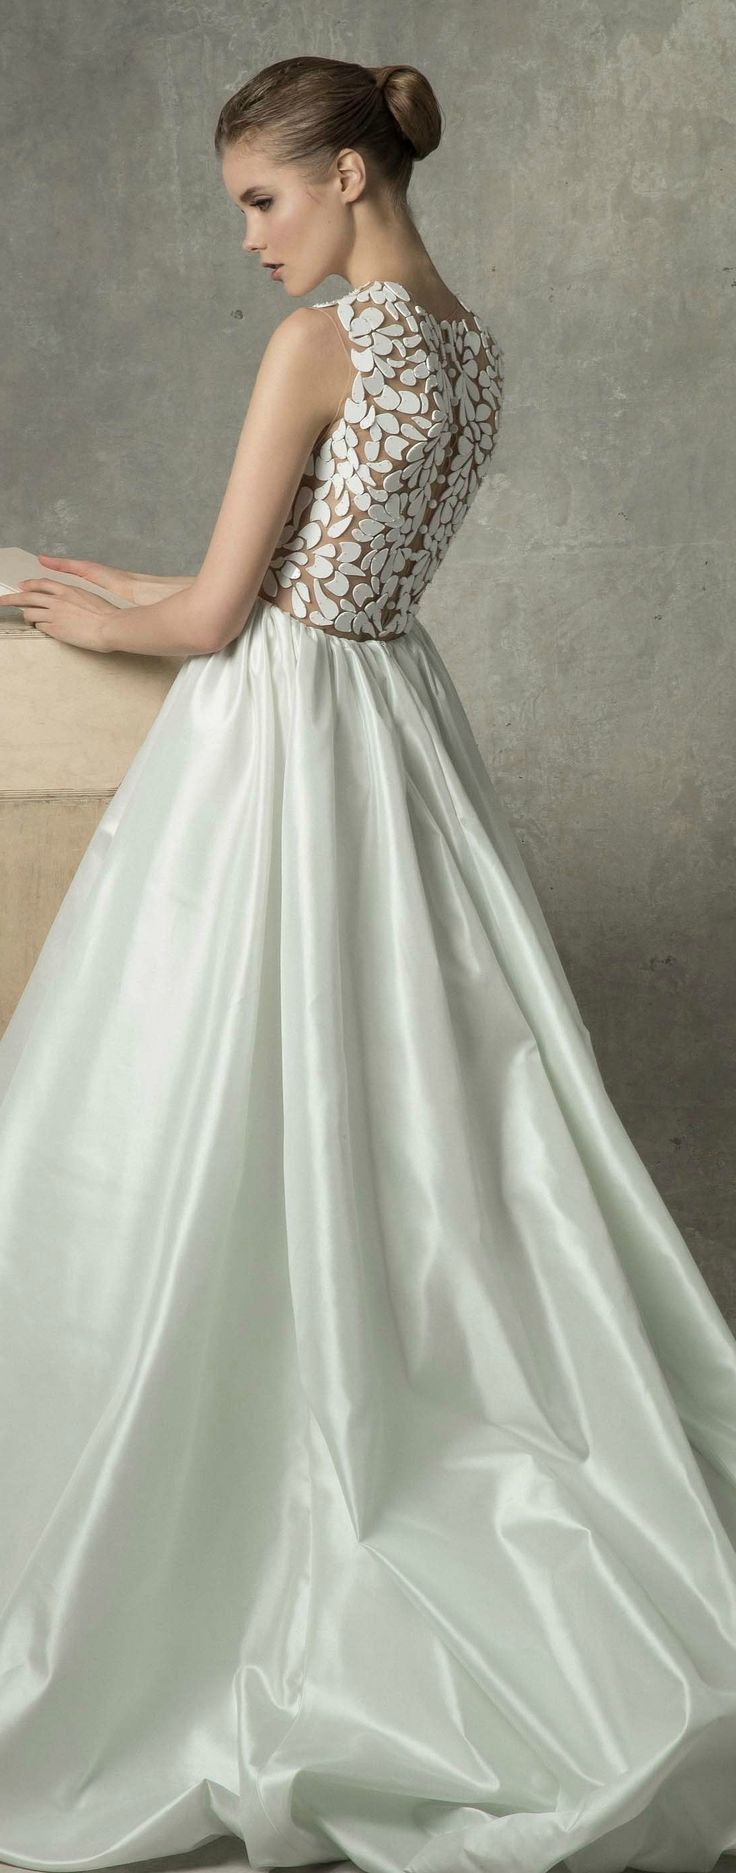 109 besten Angel Sanchez Bilder auf Pinterest | Hochzeitskleider ...